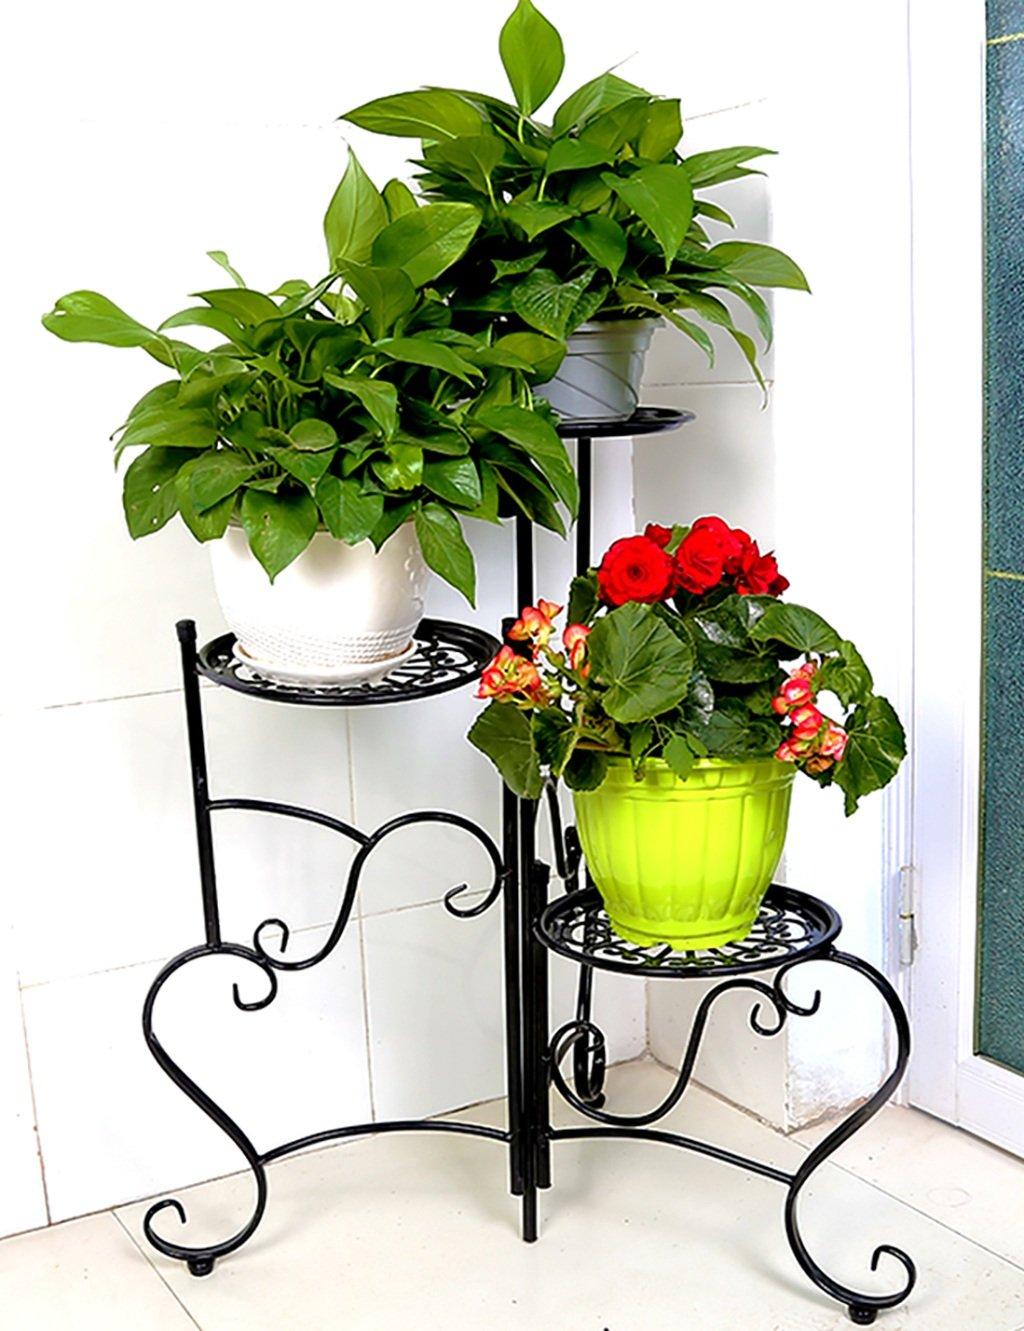 LB huajia ZHANWEI Eisen Blume Blumenregal im europäischen Stil Mehrstöckige Blumenregale Kreative Balkon Blumenregal Einfache Indoor-Pflanzen Blumentöpfe Flower Rack (Farbe : SCHWARZ)